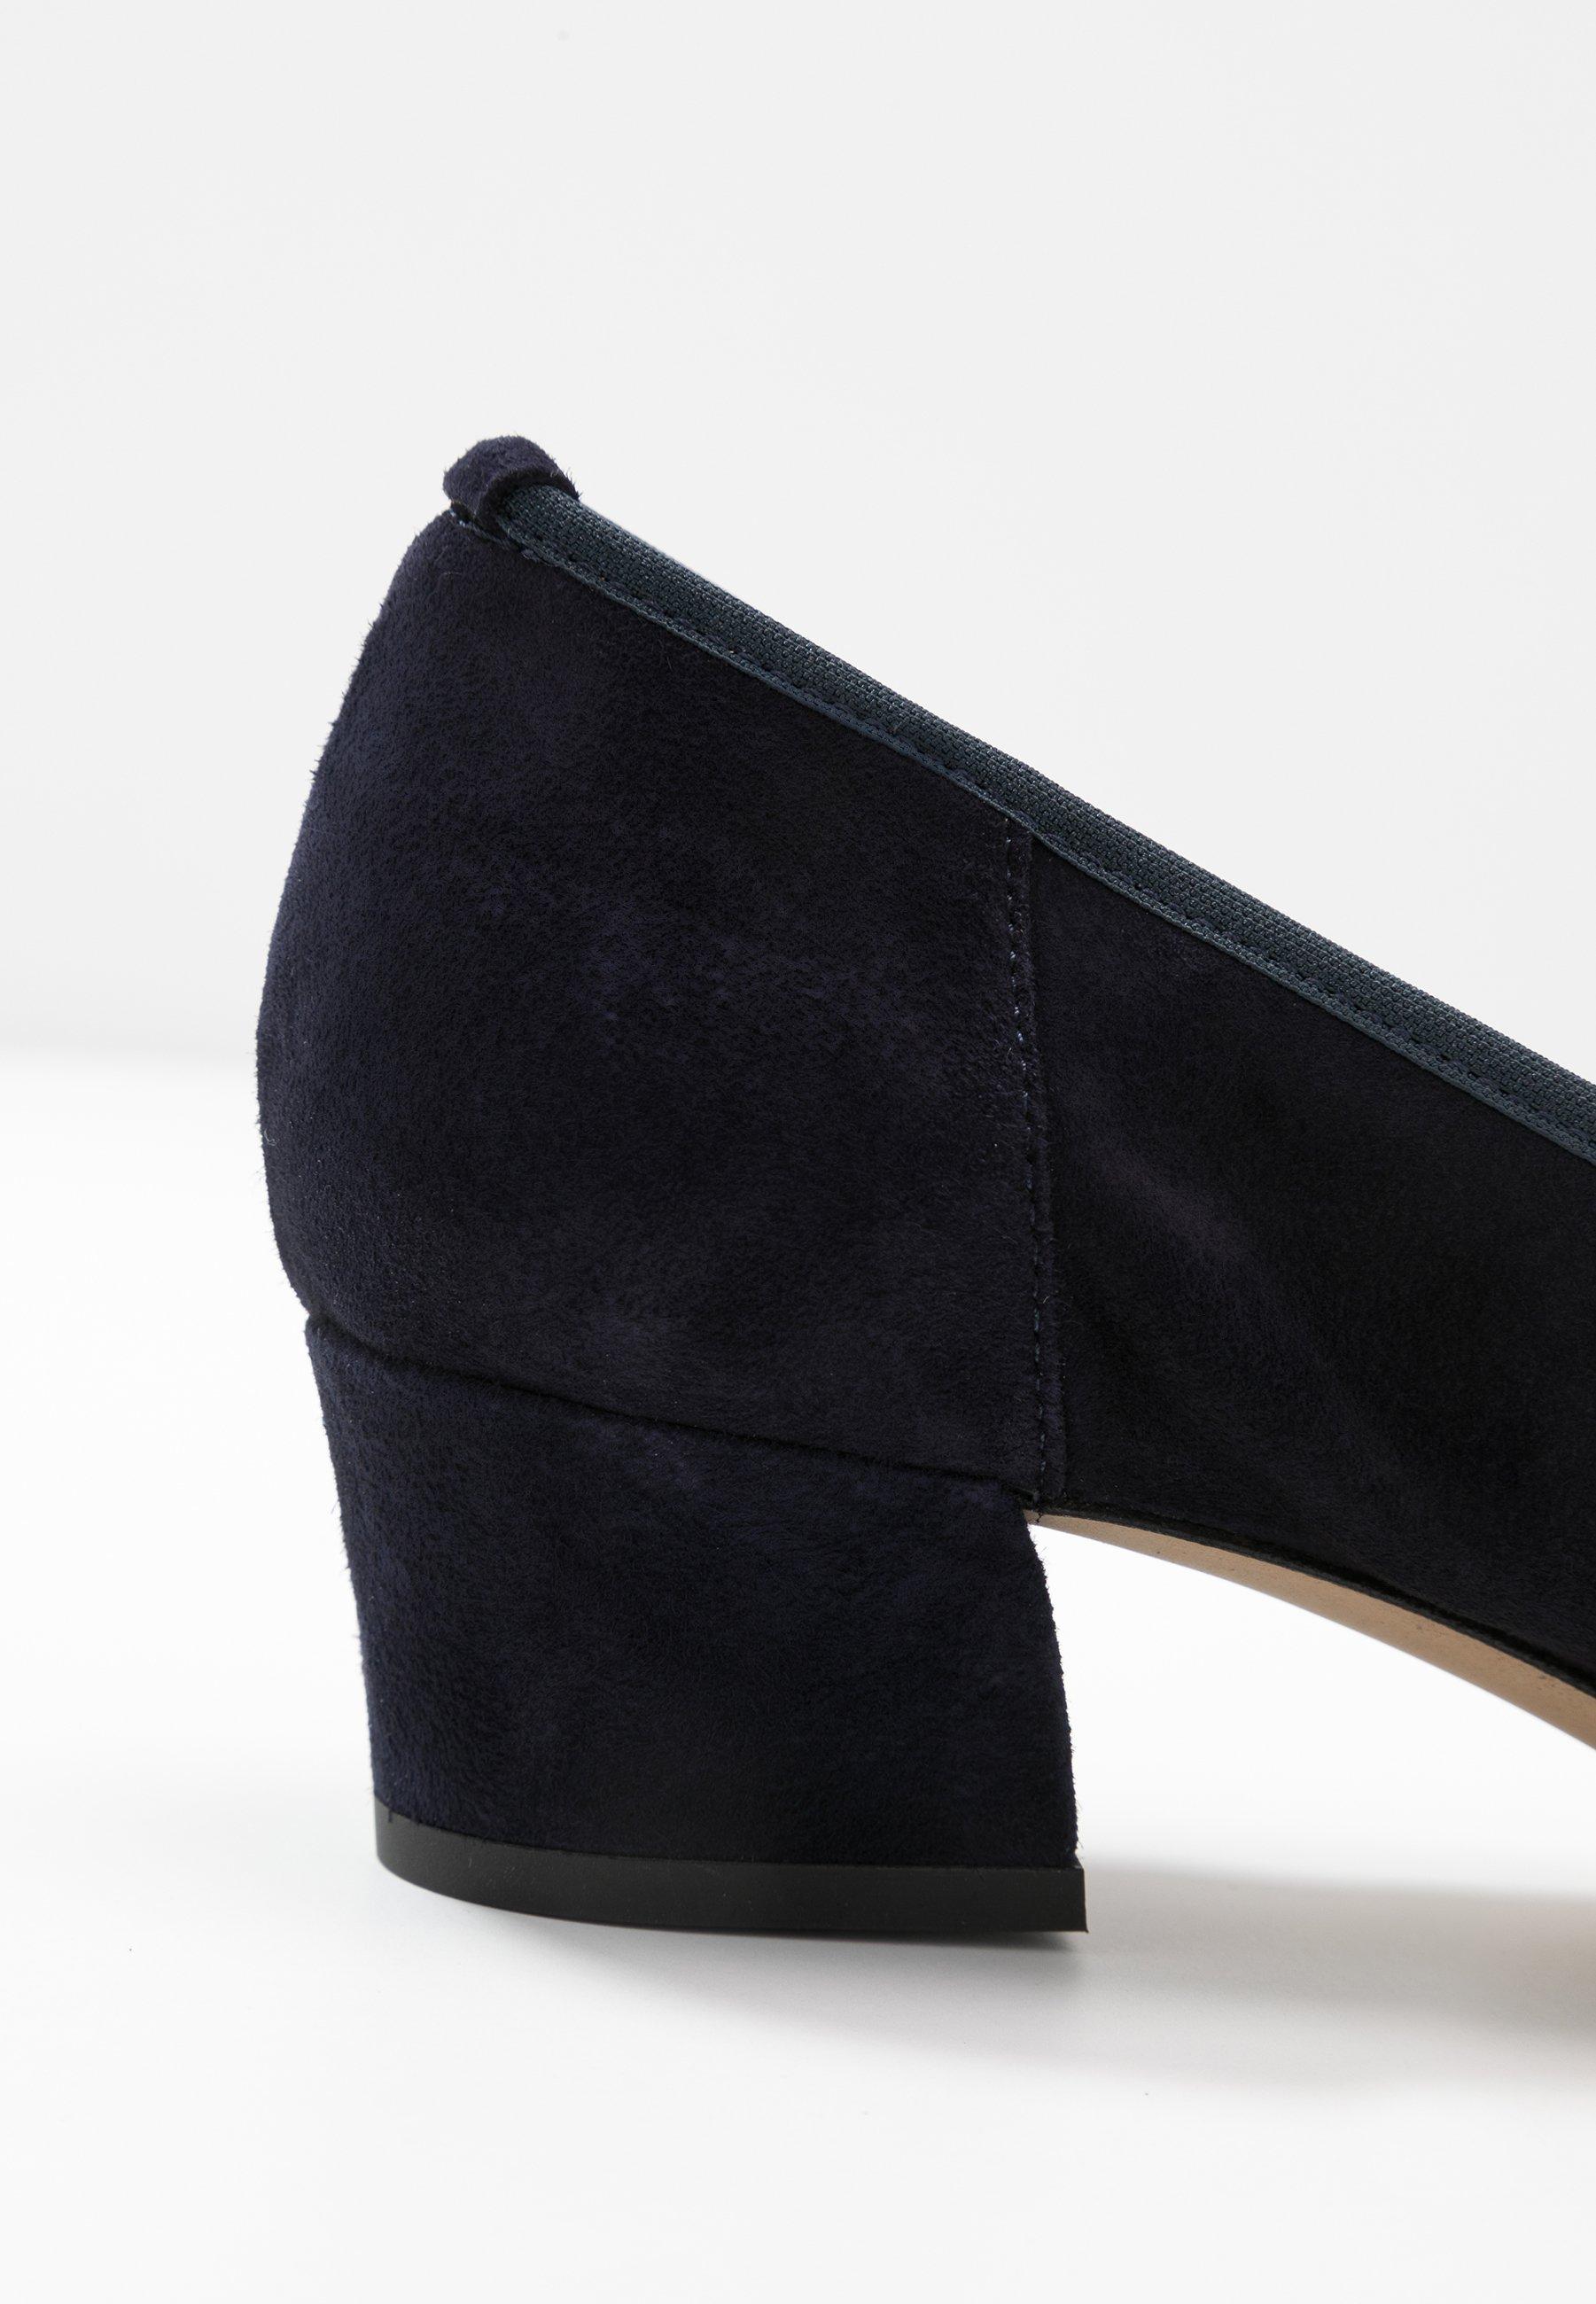 PERLATO Escarpins - river - Chaussures à talons femme Pas cher